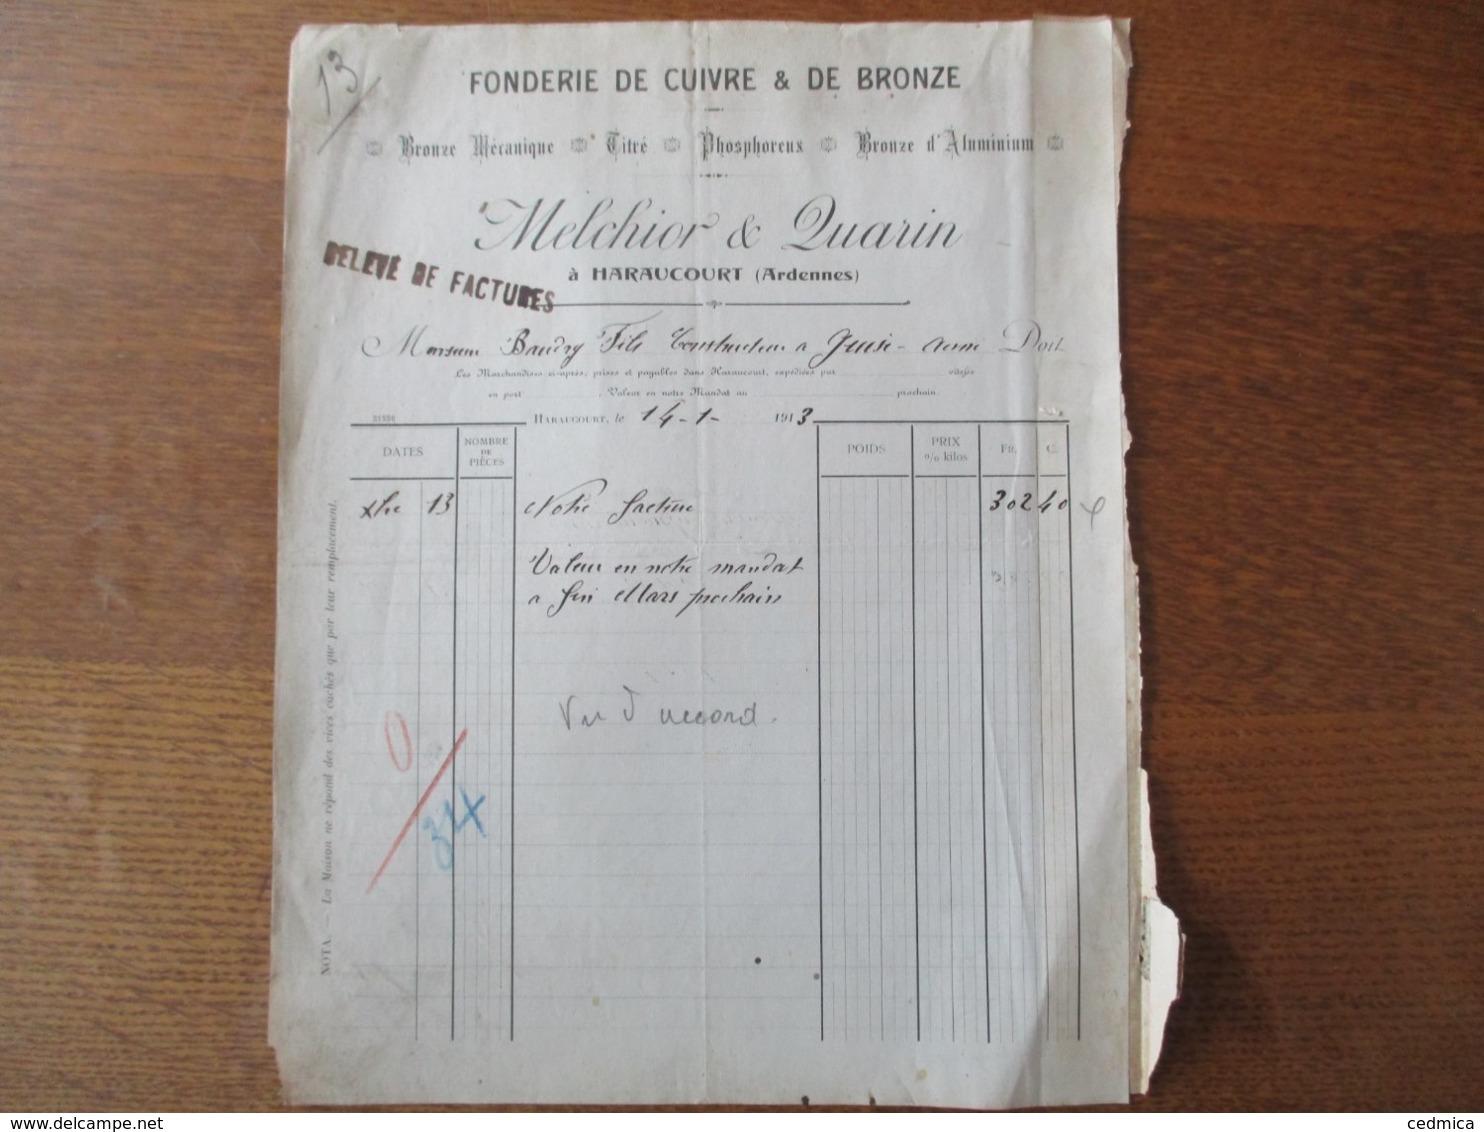 HARAUCOURT ARDENNES MELCHIOR & QUARIN FONDERIE DE CUIVRE & DE BRONZE RELEVE DE FACTURES DU 14-1-1913 - France